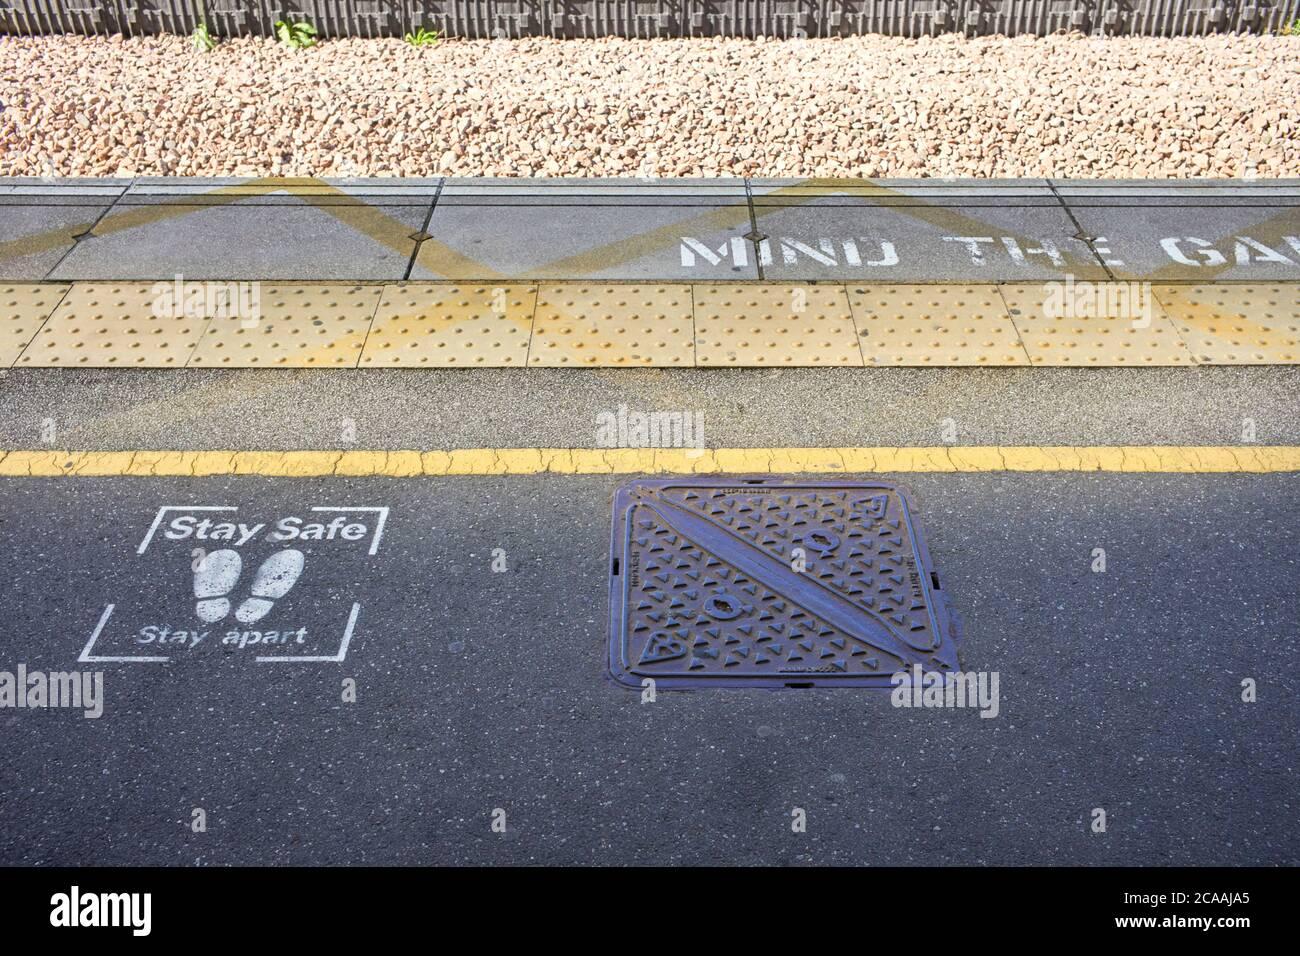 Bleiben Sie sicher, bleiben Sie auseinander gespritzt auf Nachrichten an Milton Keynes, Bahnhof Stockfoto